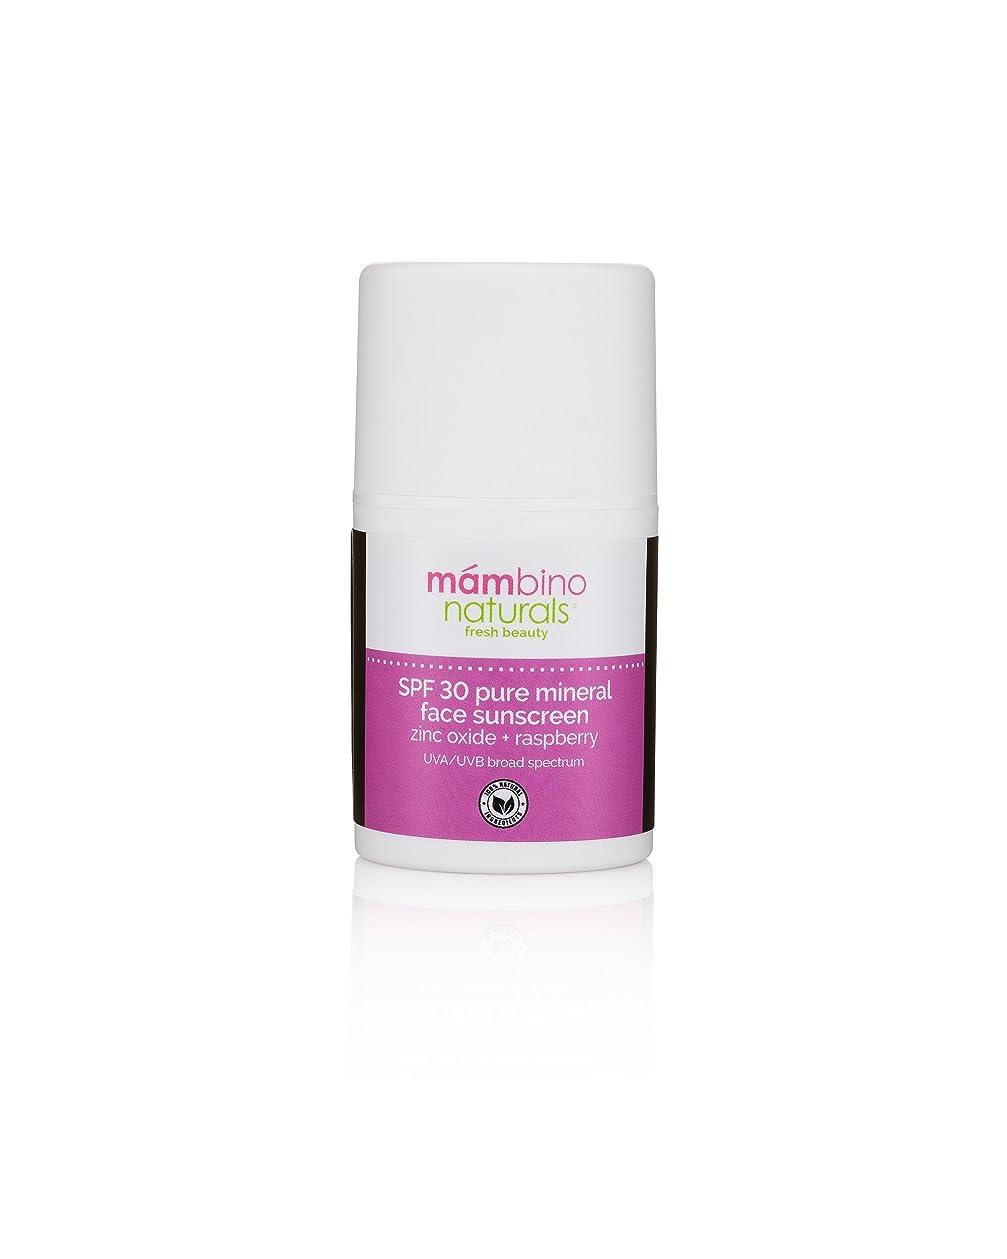 プレミアム信頼できる会うMambino Organics SPF 30ピュアミネラルフェイス日焼け止め、酸化亜鉛やラズベリー、1.7オンス